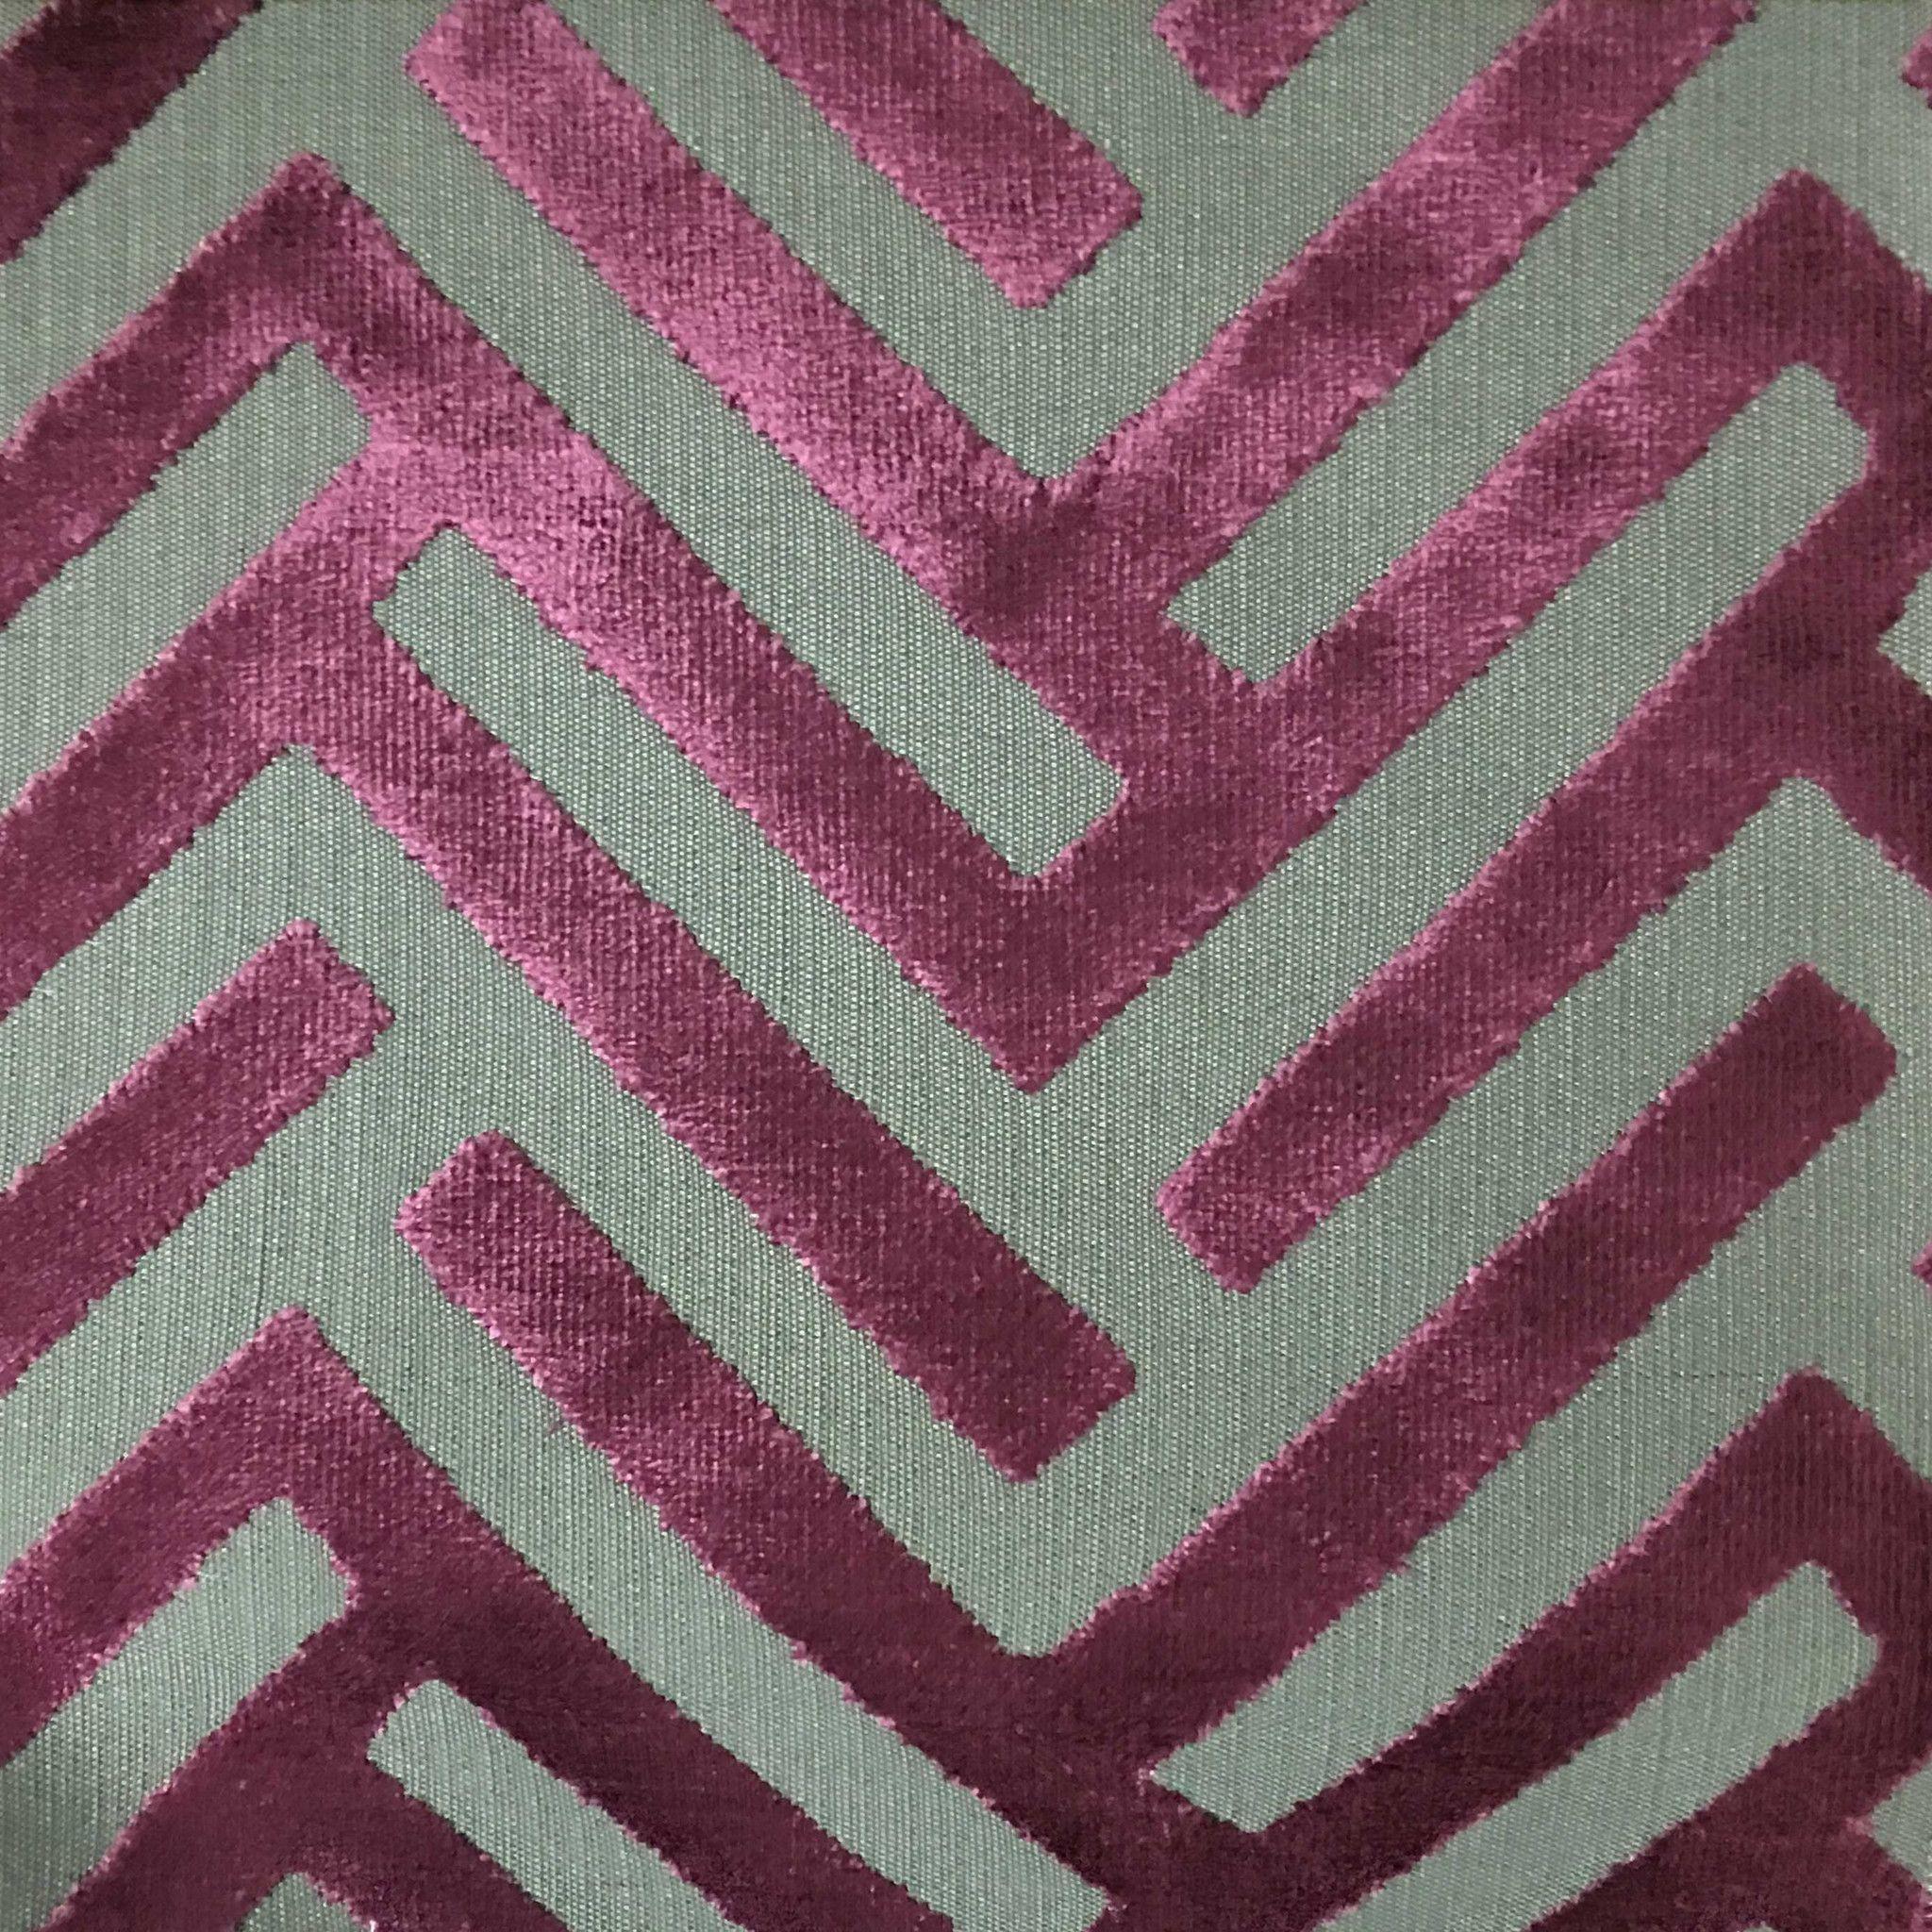 Home Decor Fabrics By The Yard holland arrow cut velvet fabric upholstery the avai top inexpensive home decor fabrics by the Upholstery Fabric Ministry Amethyst Cut Velvet Home Decor Upholstery Drapery Fabric By The Yard Available In 10 Colors